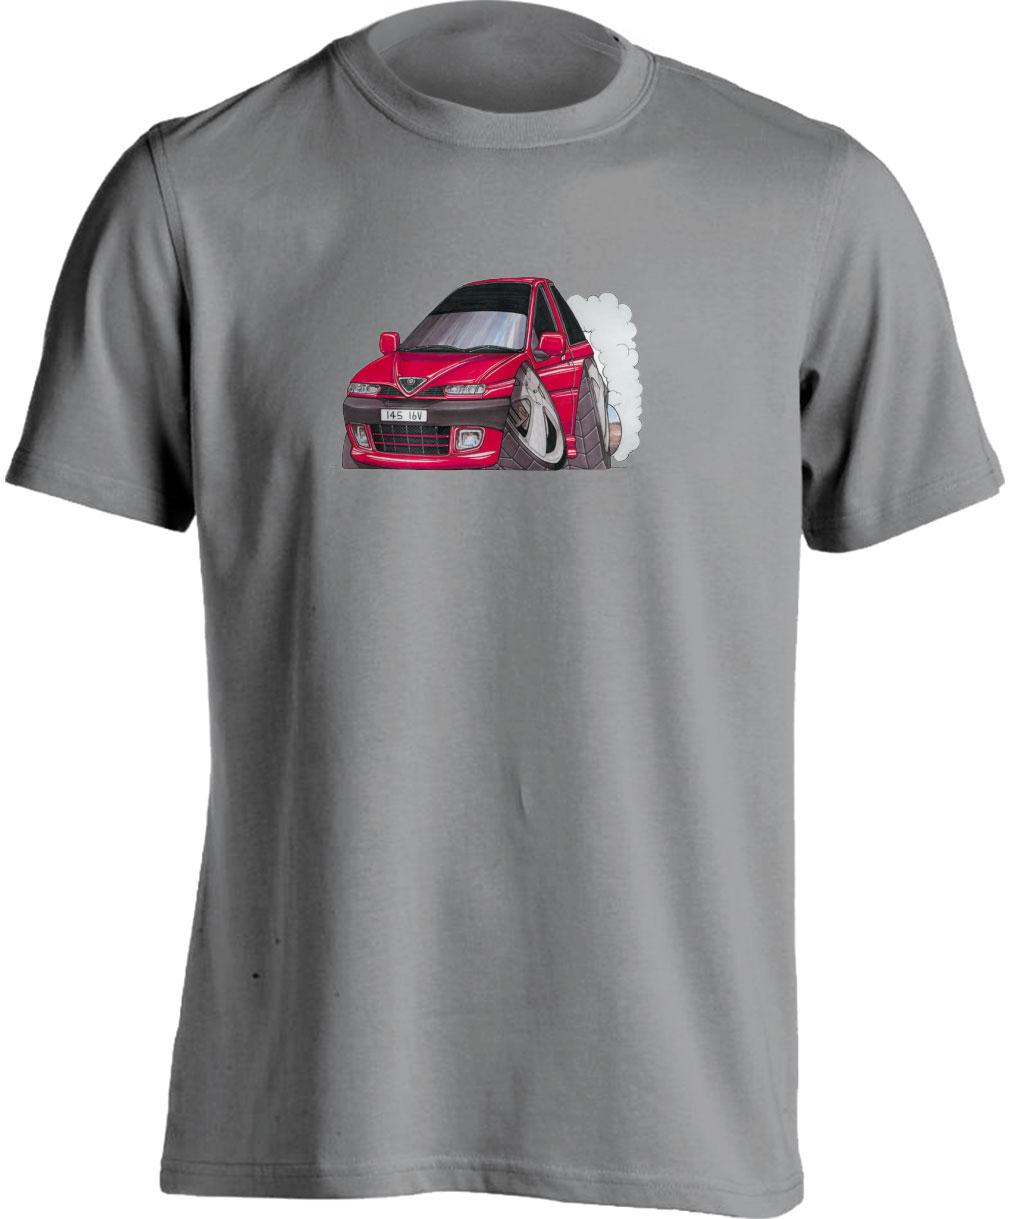 T Shirt Koolart 0353 Red Romeo